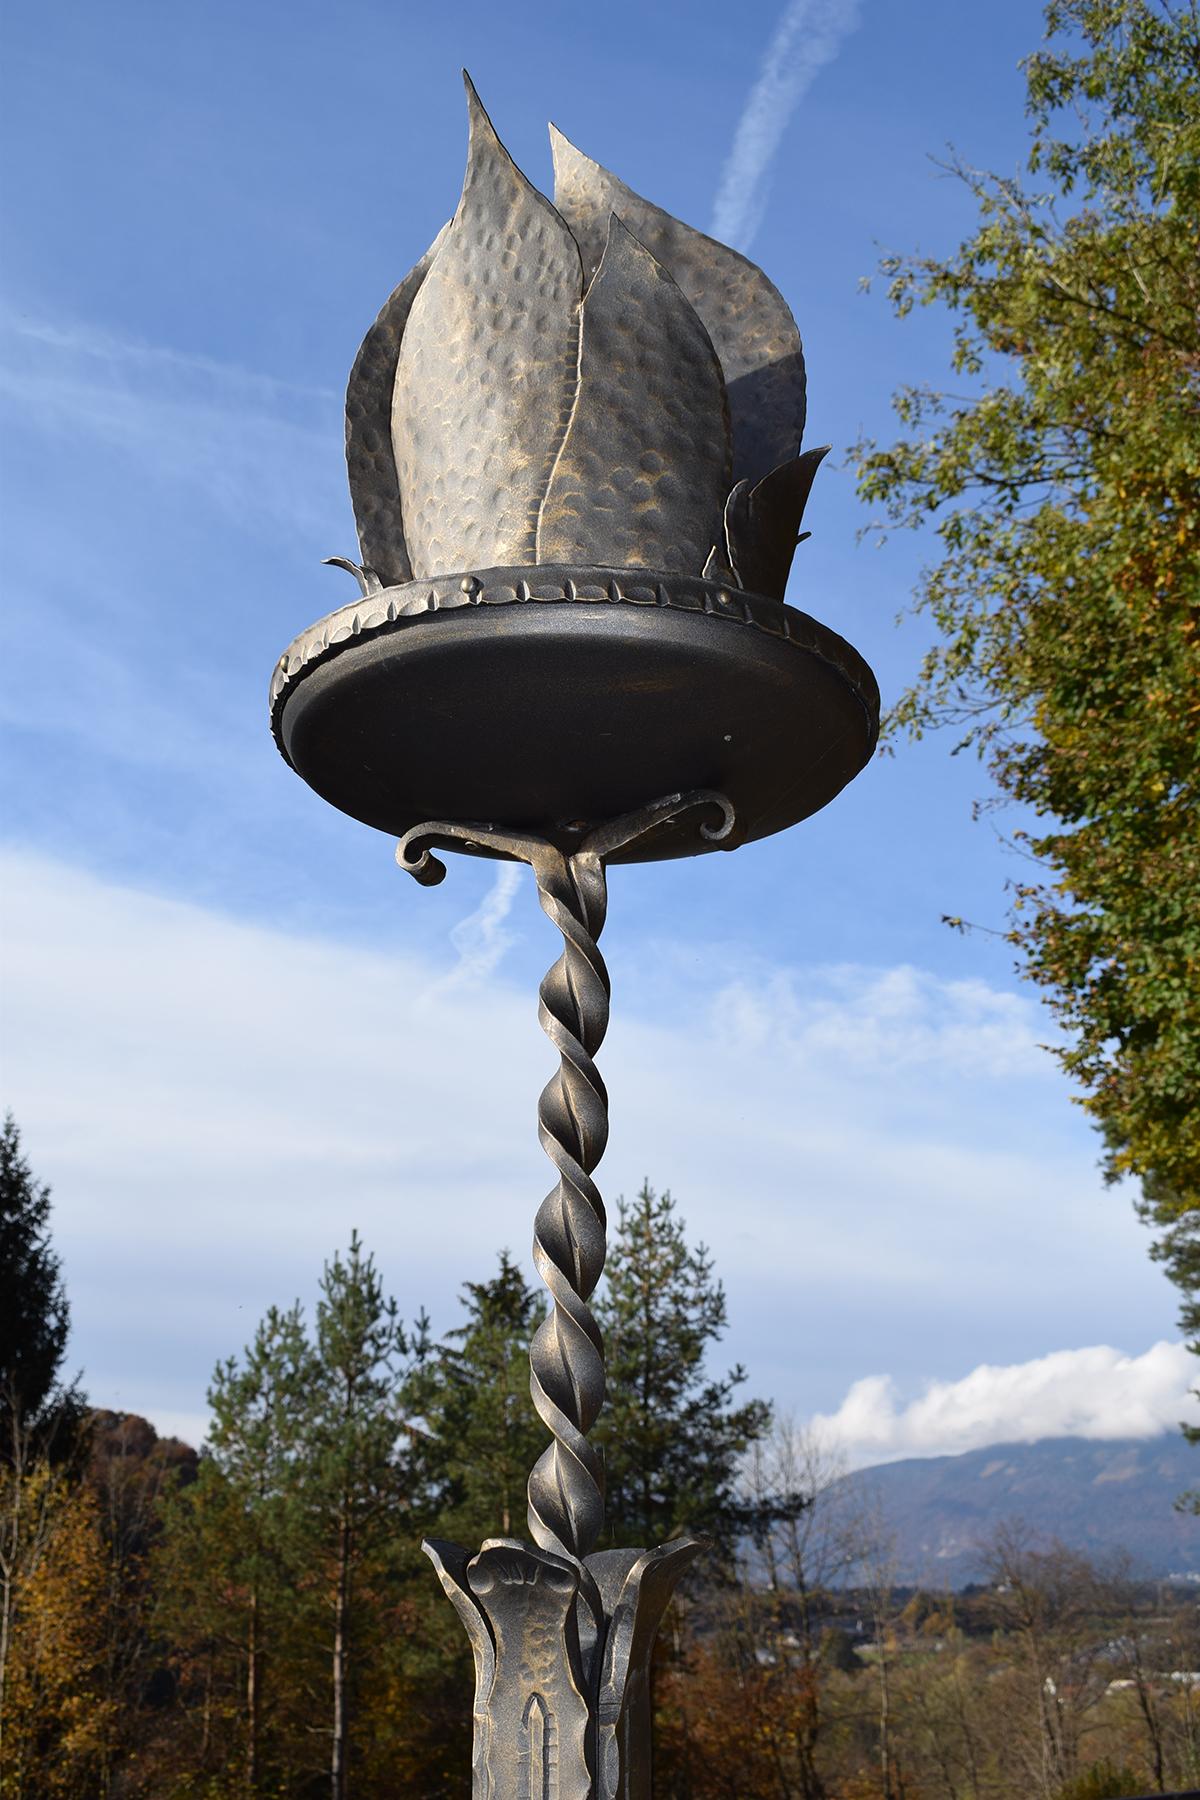 Spomenik Bistriškim žrtvam - Kovana plamenica